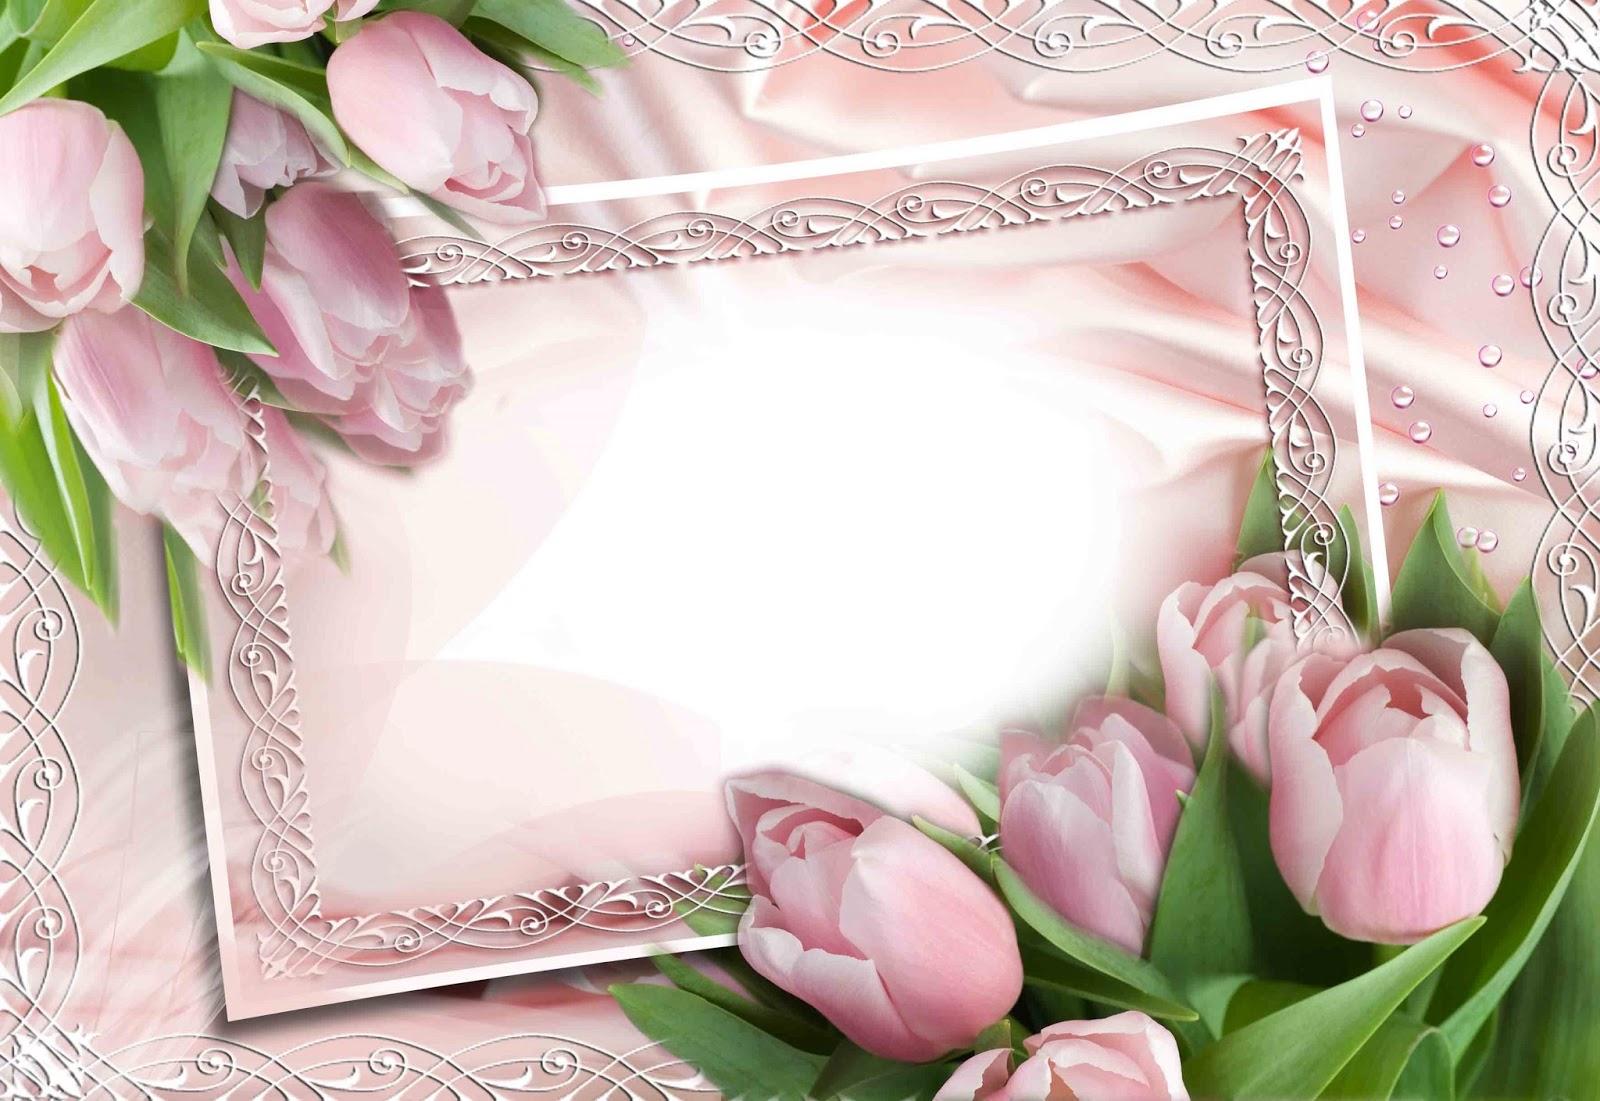 Картинка, шаблоны открыток для поздравлений